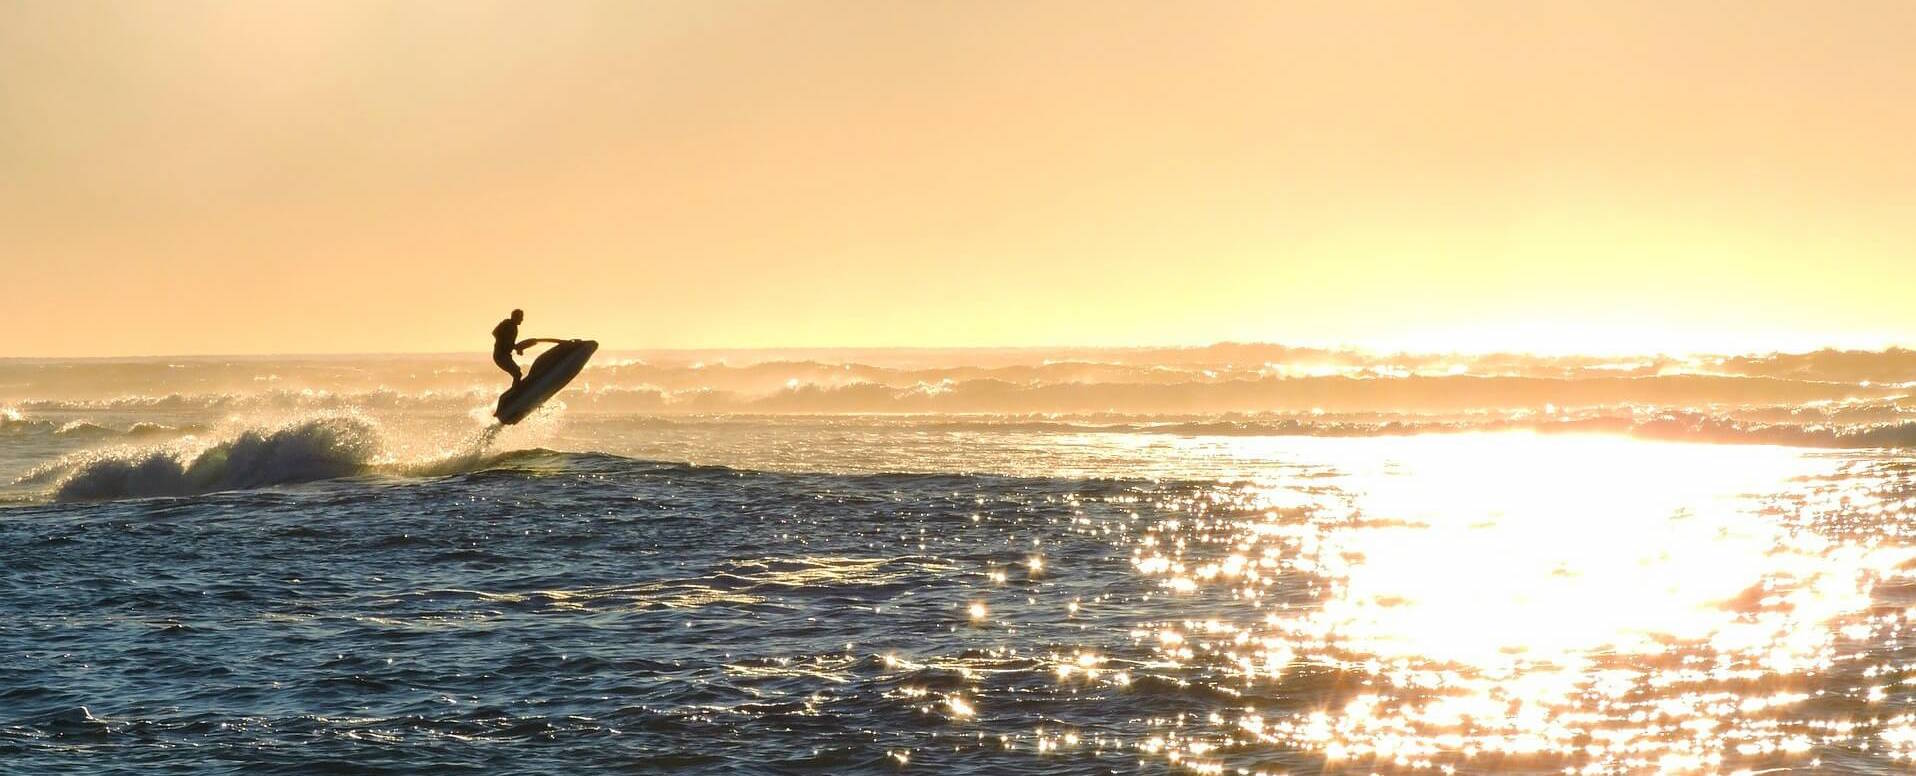 Travel the sea by jet ski - Algarve